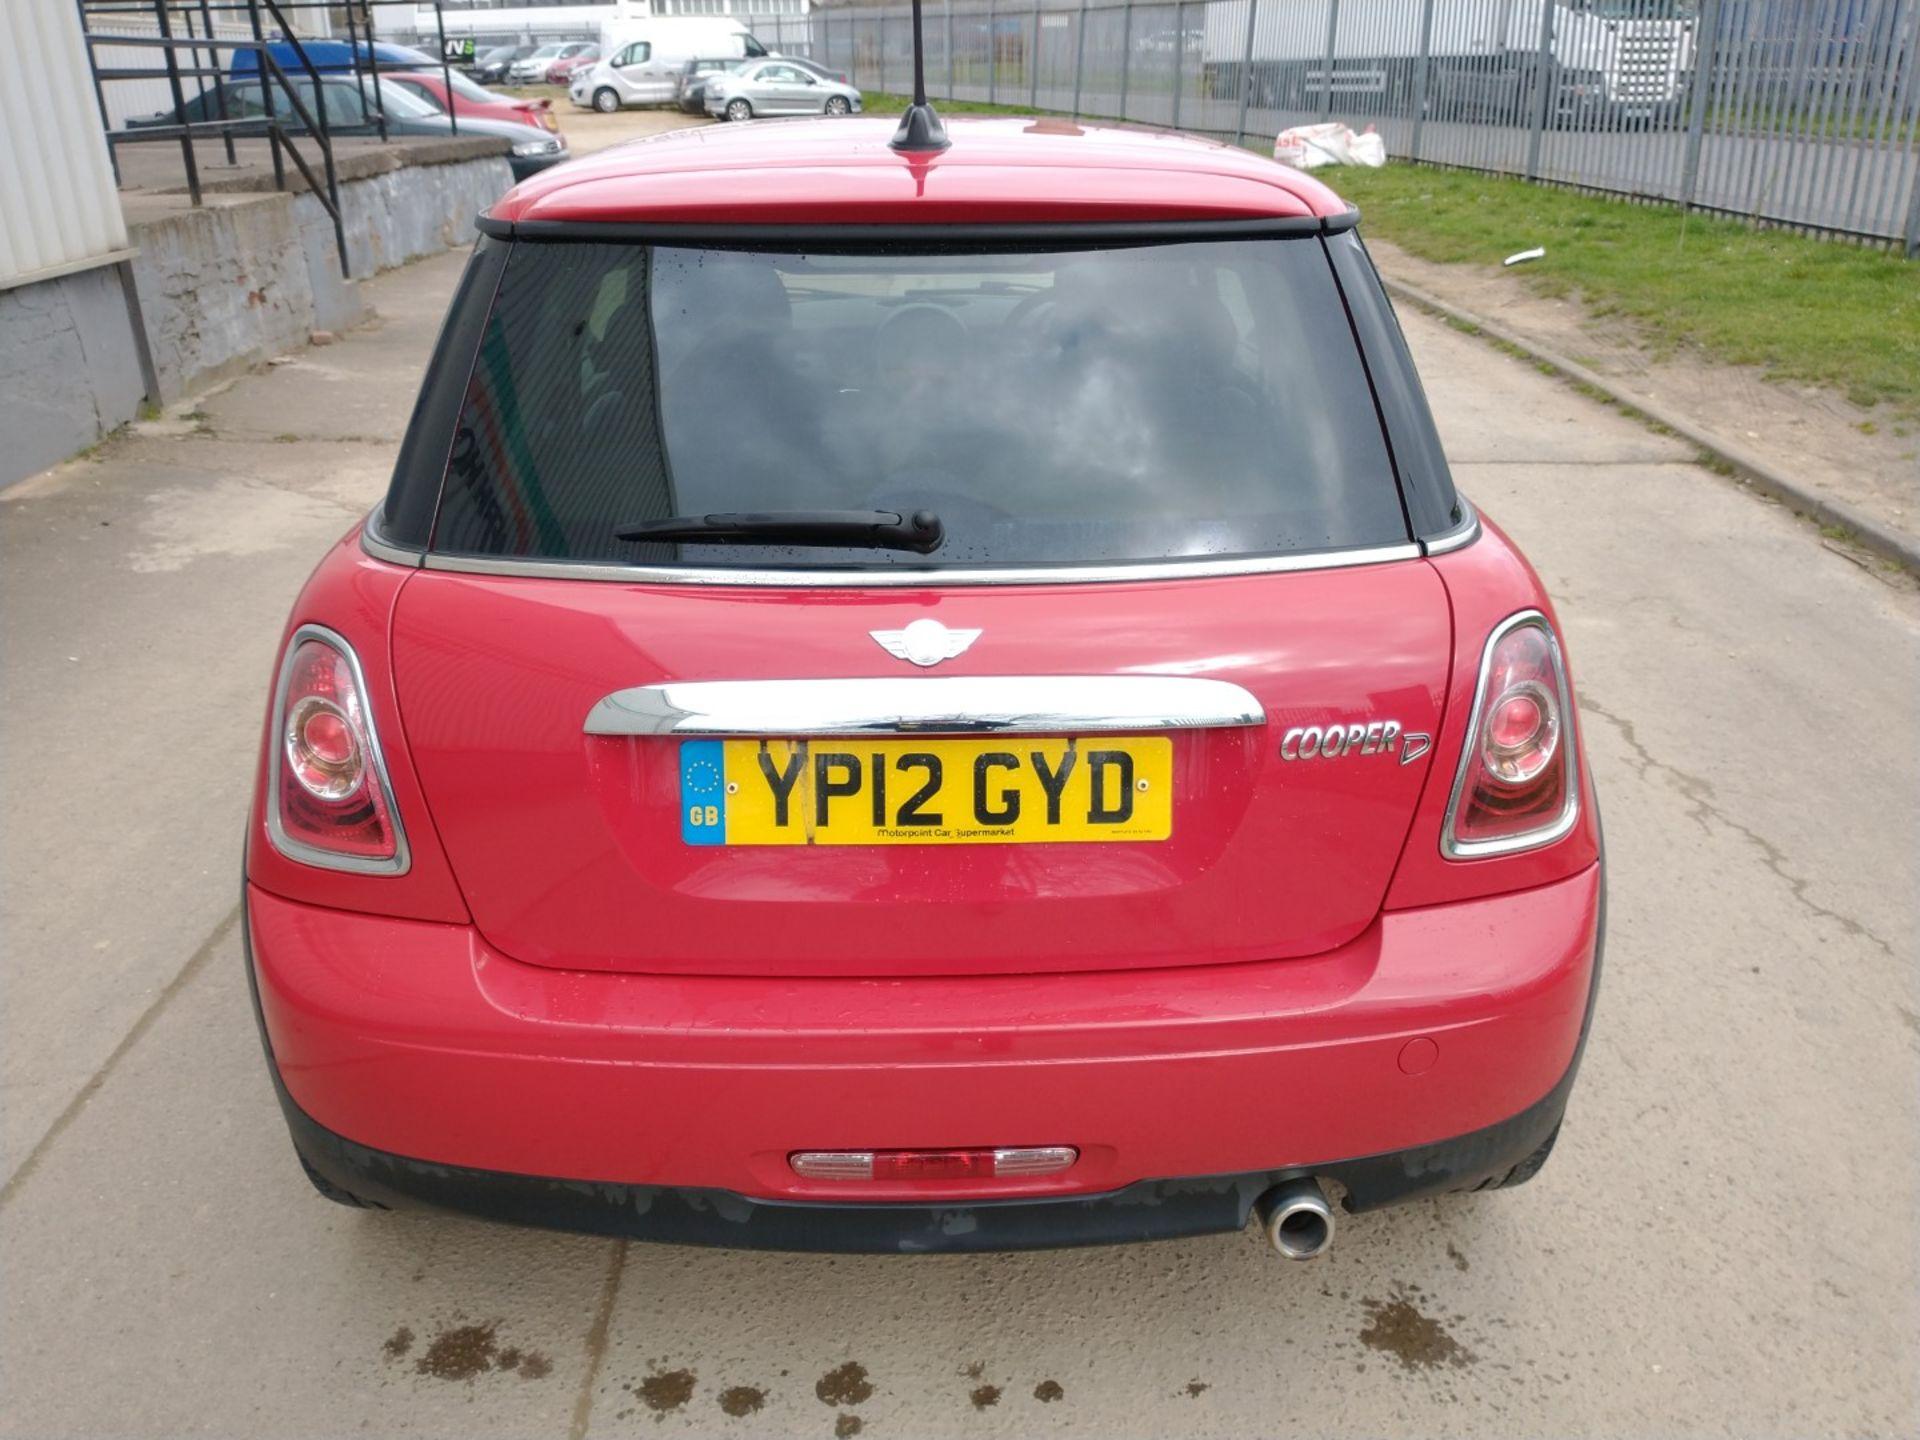 2012 Mini Cooper D 1.6 3Dr Hatchback - CL505 - NO VAT ON THE HAMM - Image 6 of 15